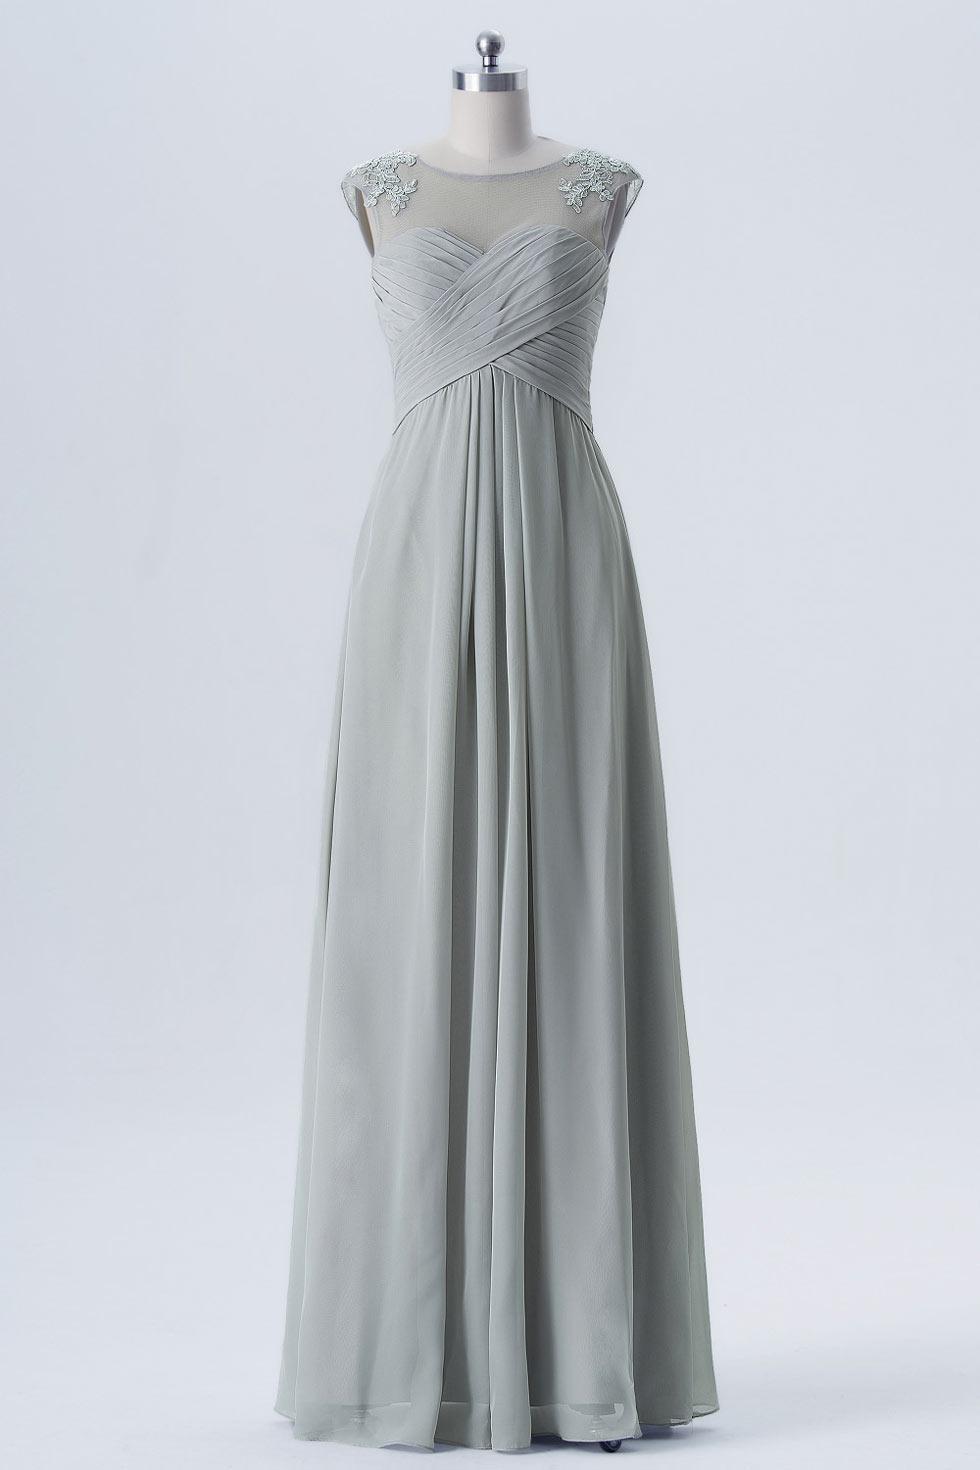 9532474a5e3 Longue robe soirée grise argentée simple épaule appliquée - Persun.fr